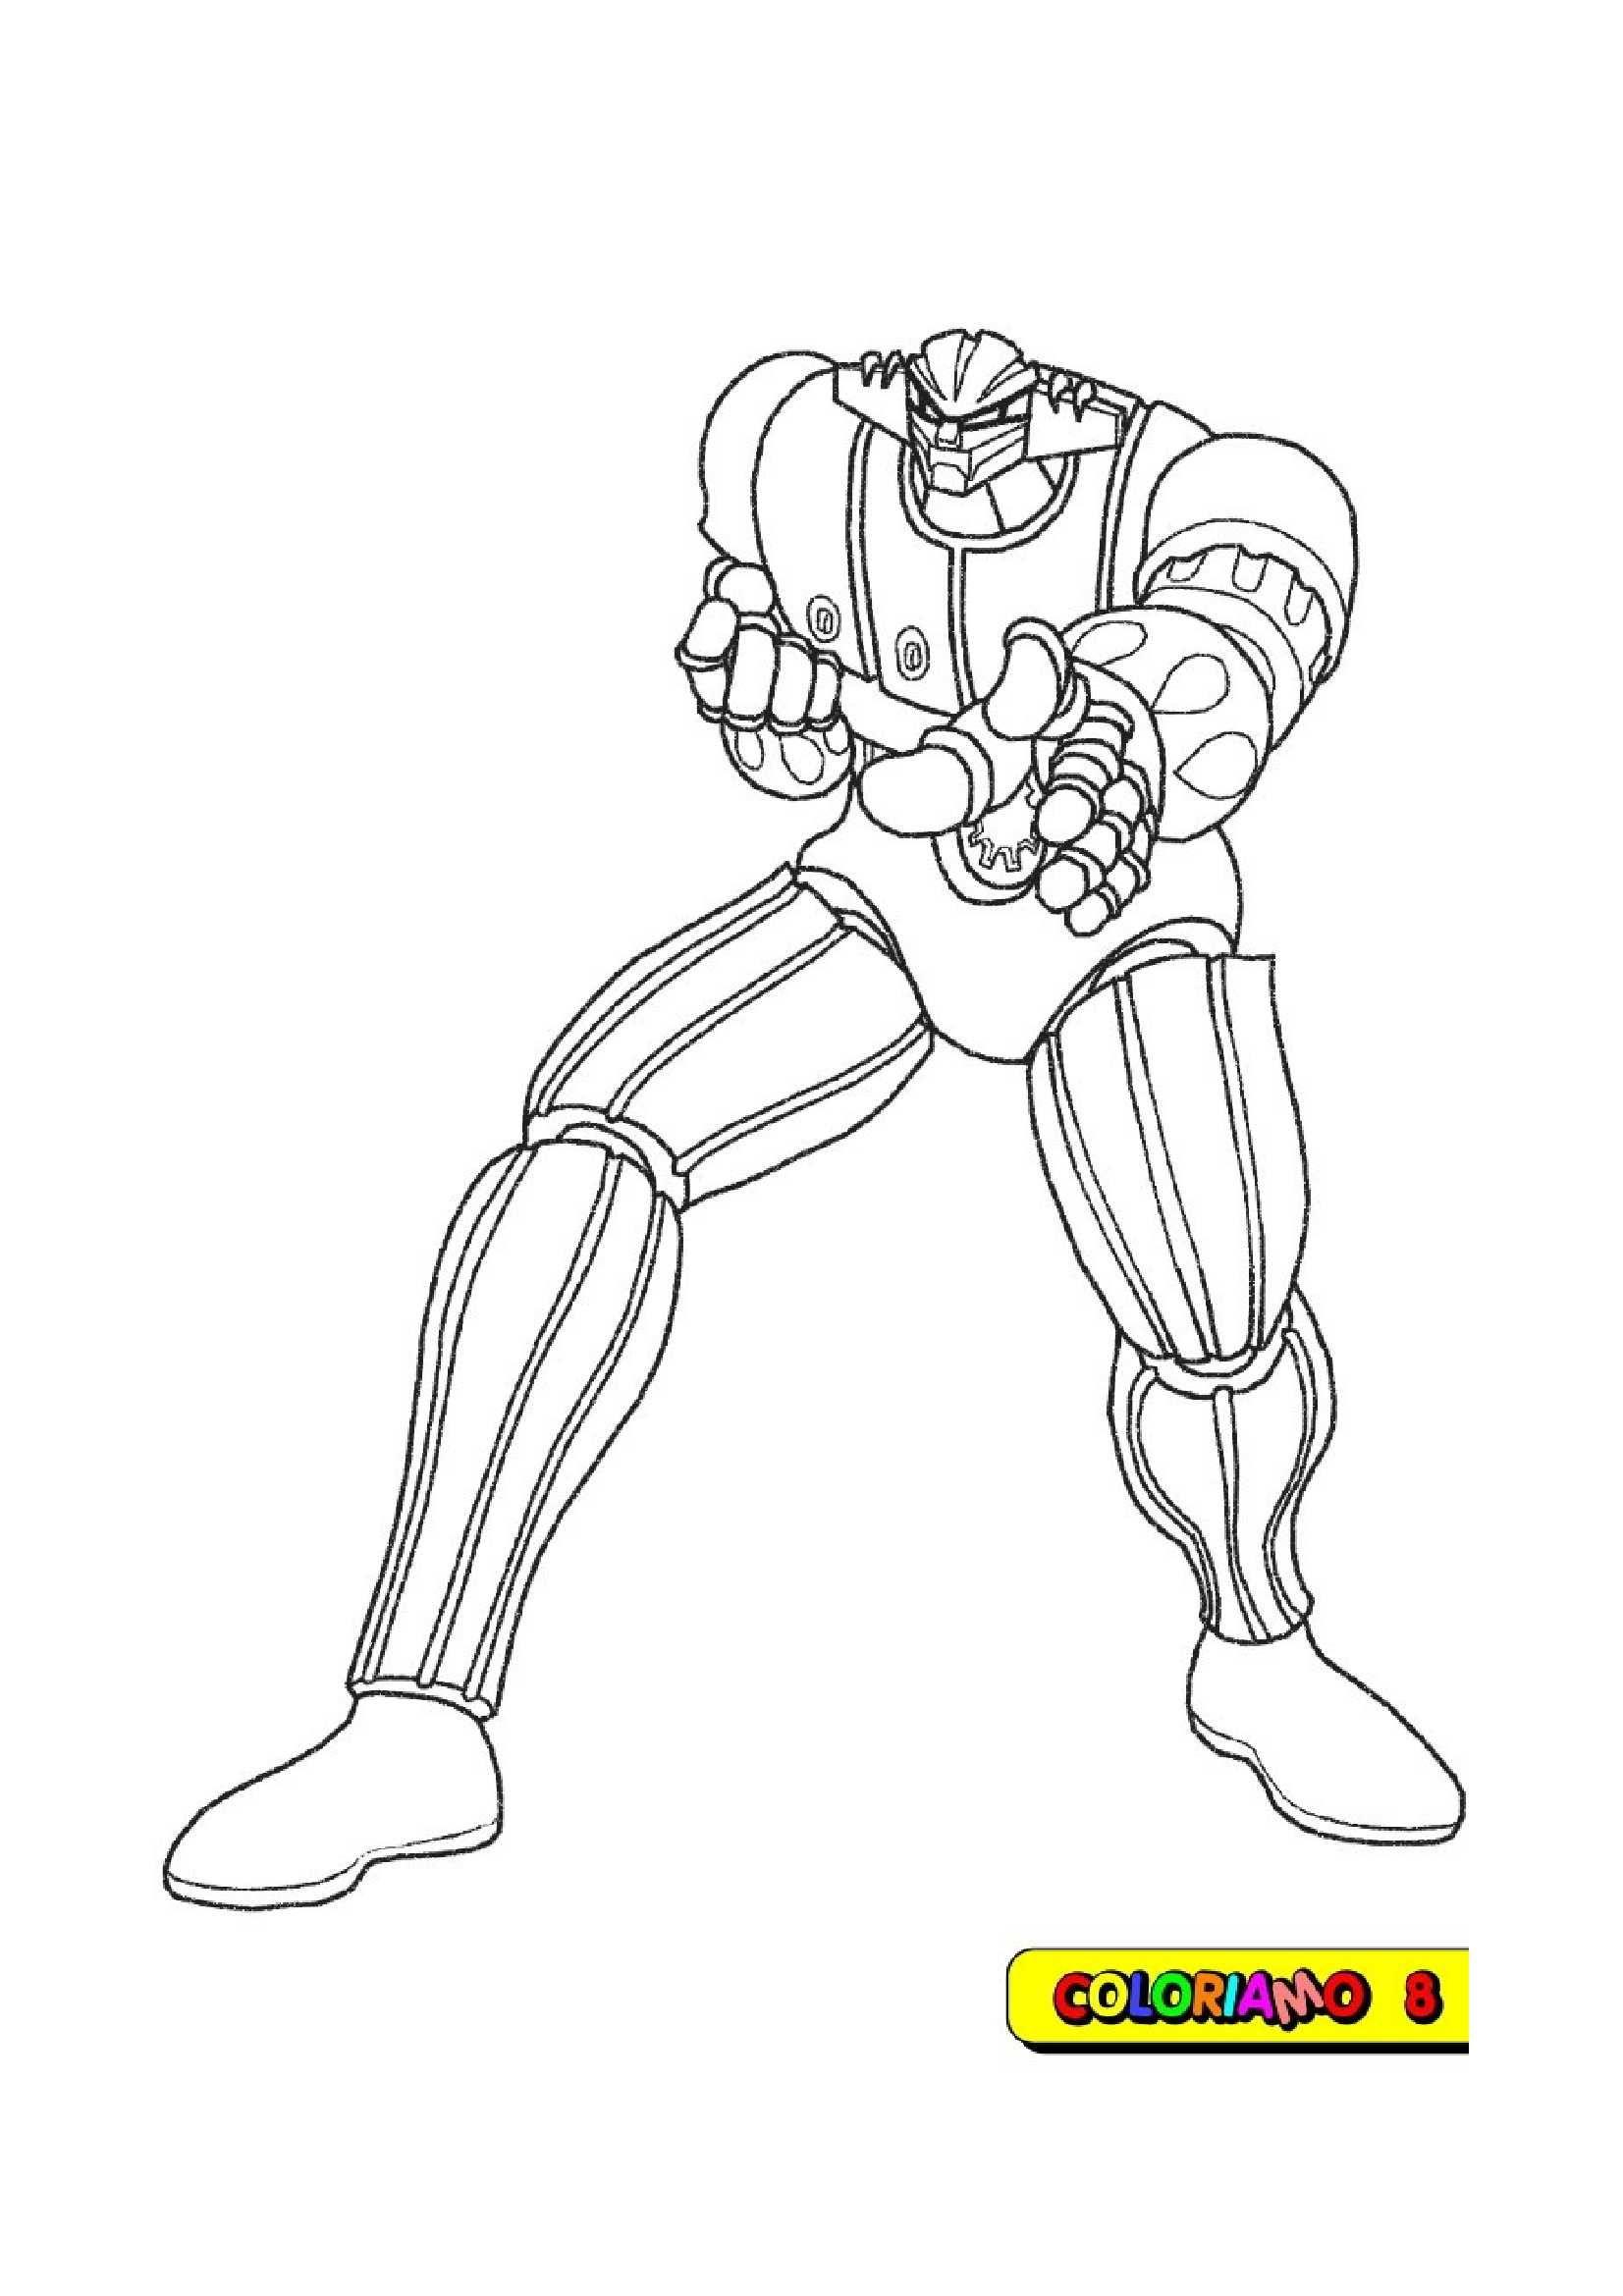 Coloriamo Robot Giapponesi 8 Jpg 1653 2339 Disegni Da Colorare Disegni Colori